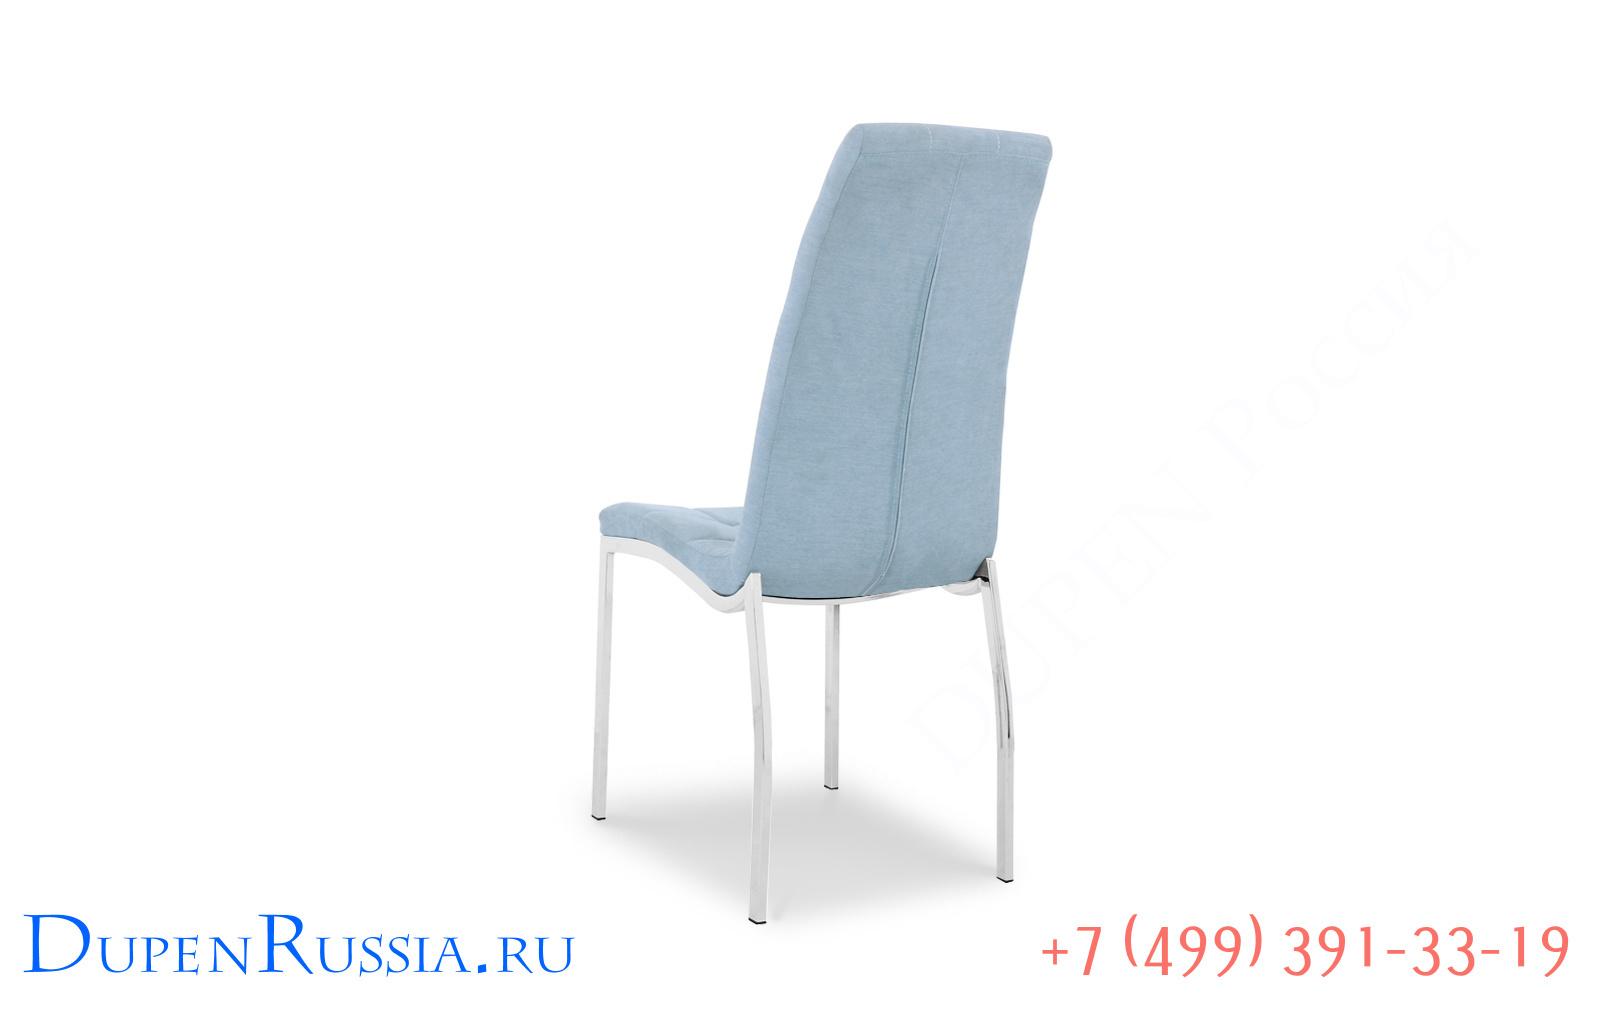 Стул ESF365 голубой